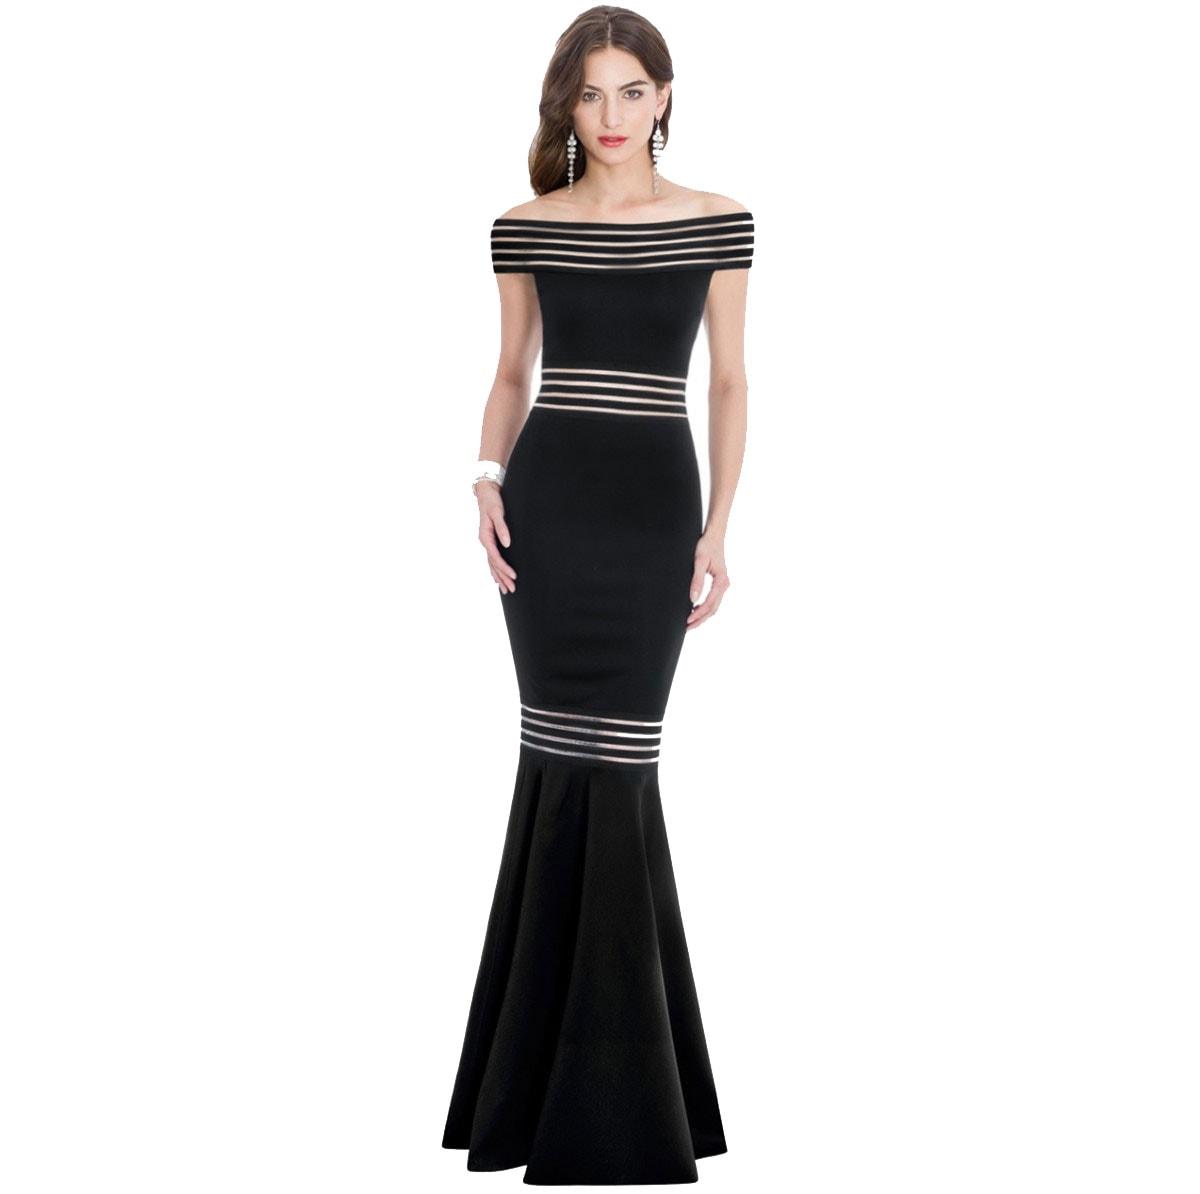 Φορέματα με έξω τους ώμους (15)